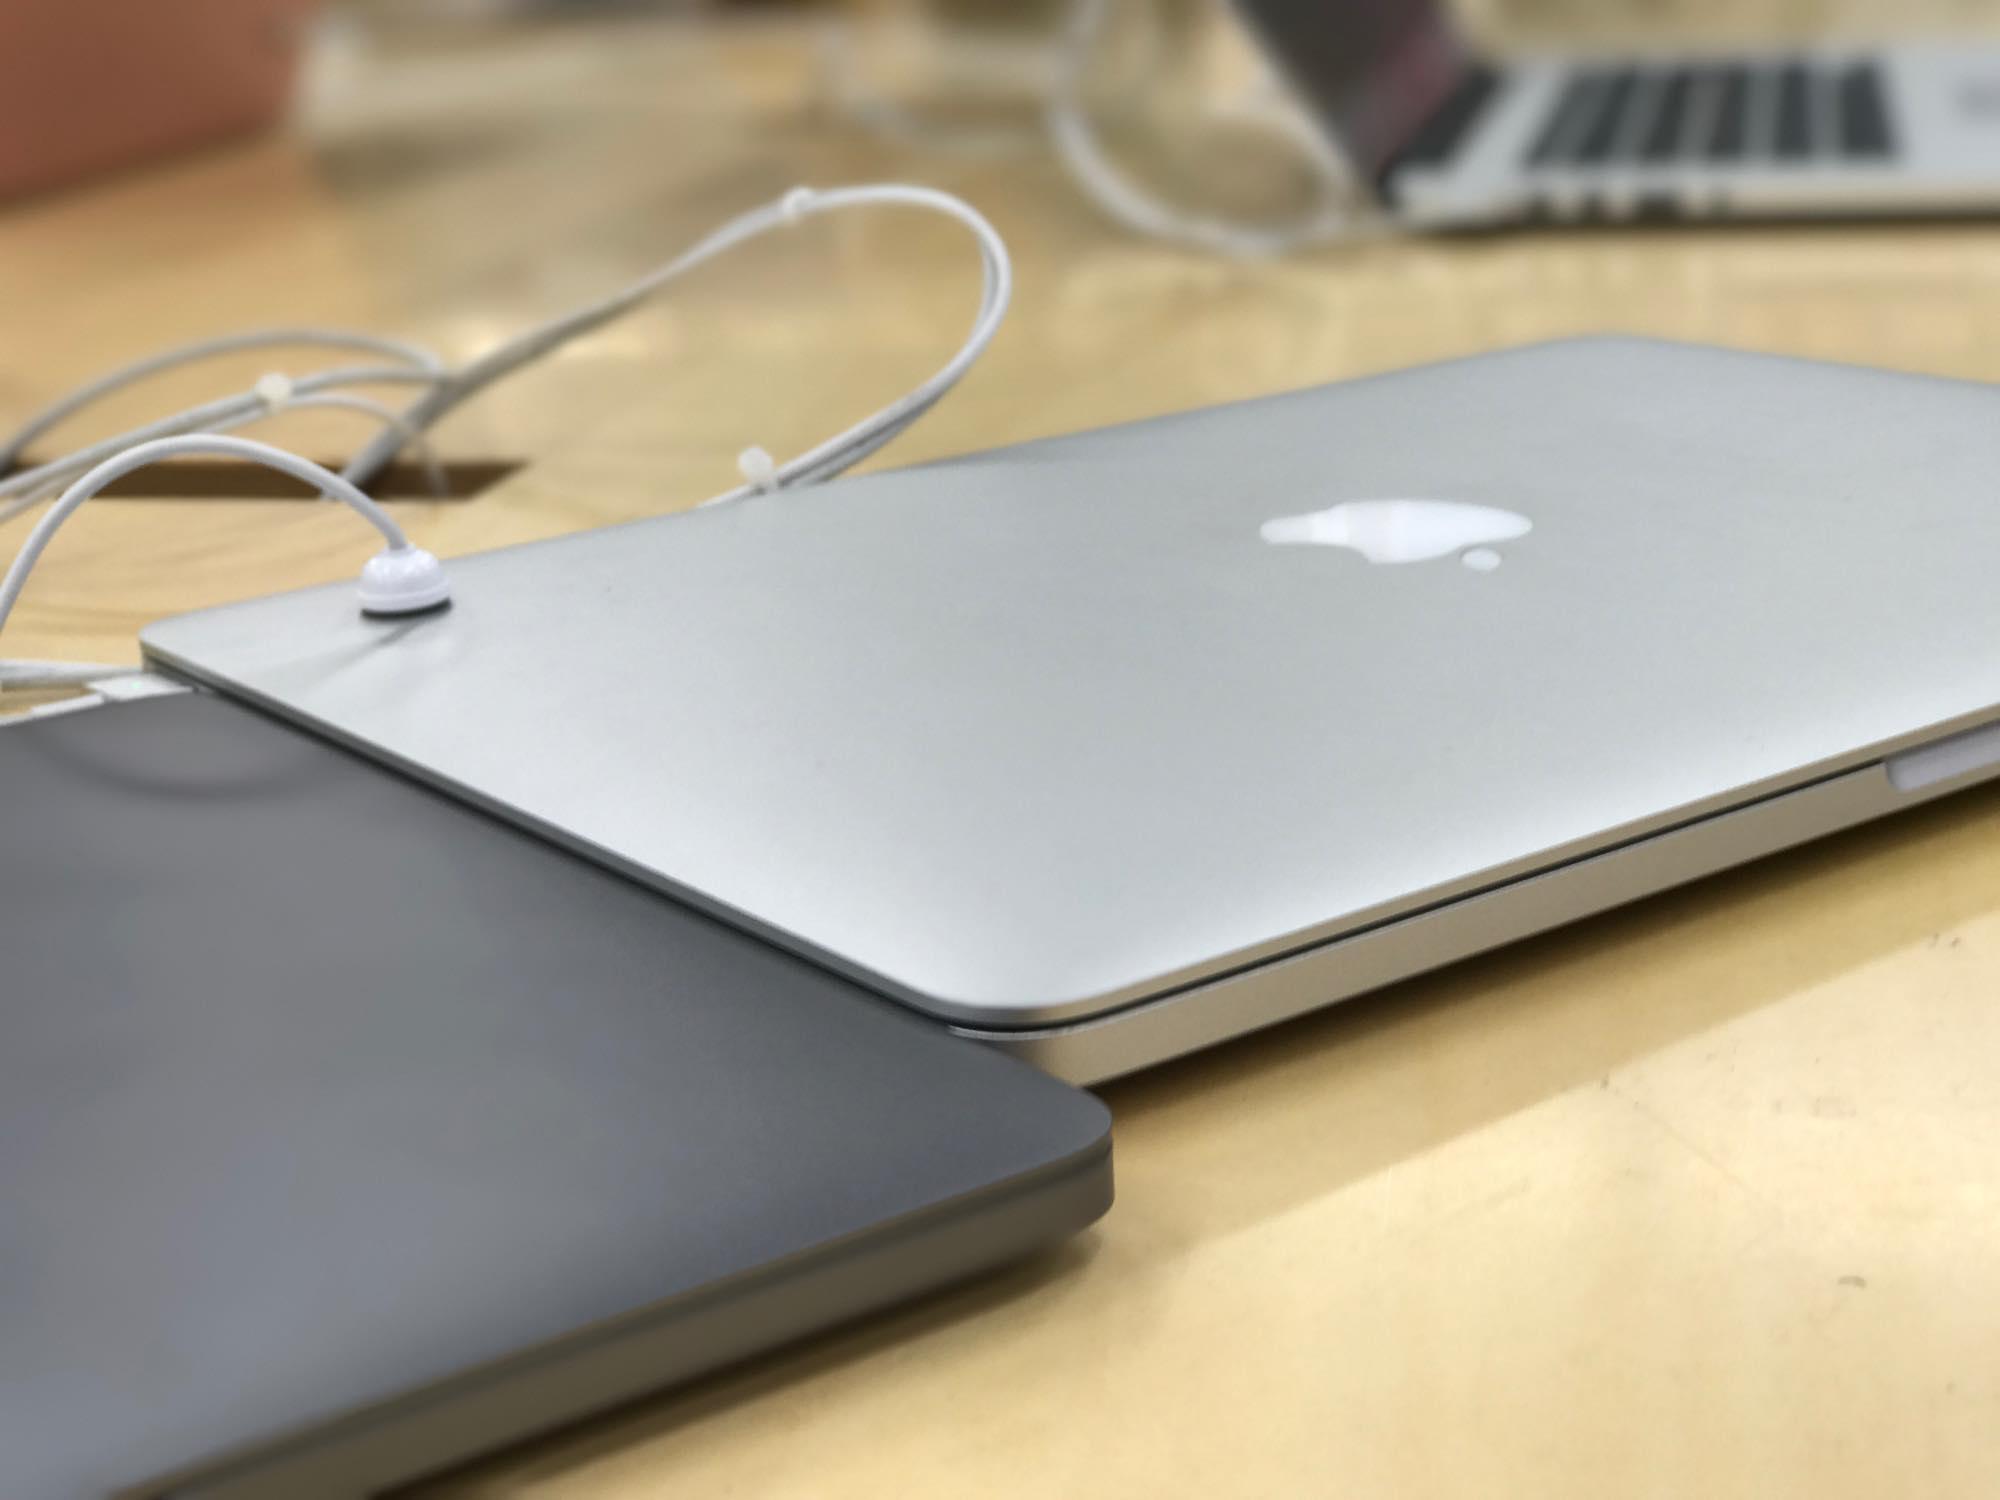 macbookpro2016-review7